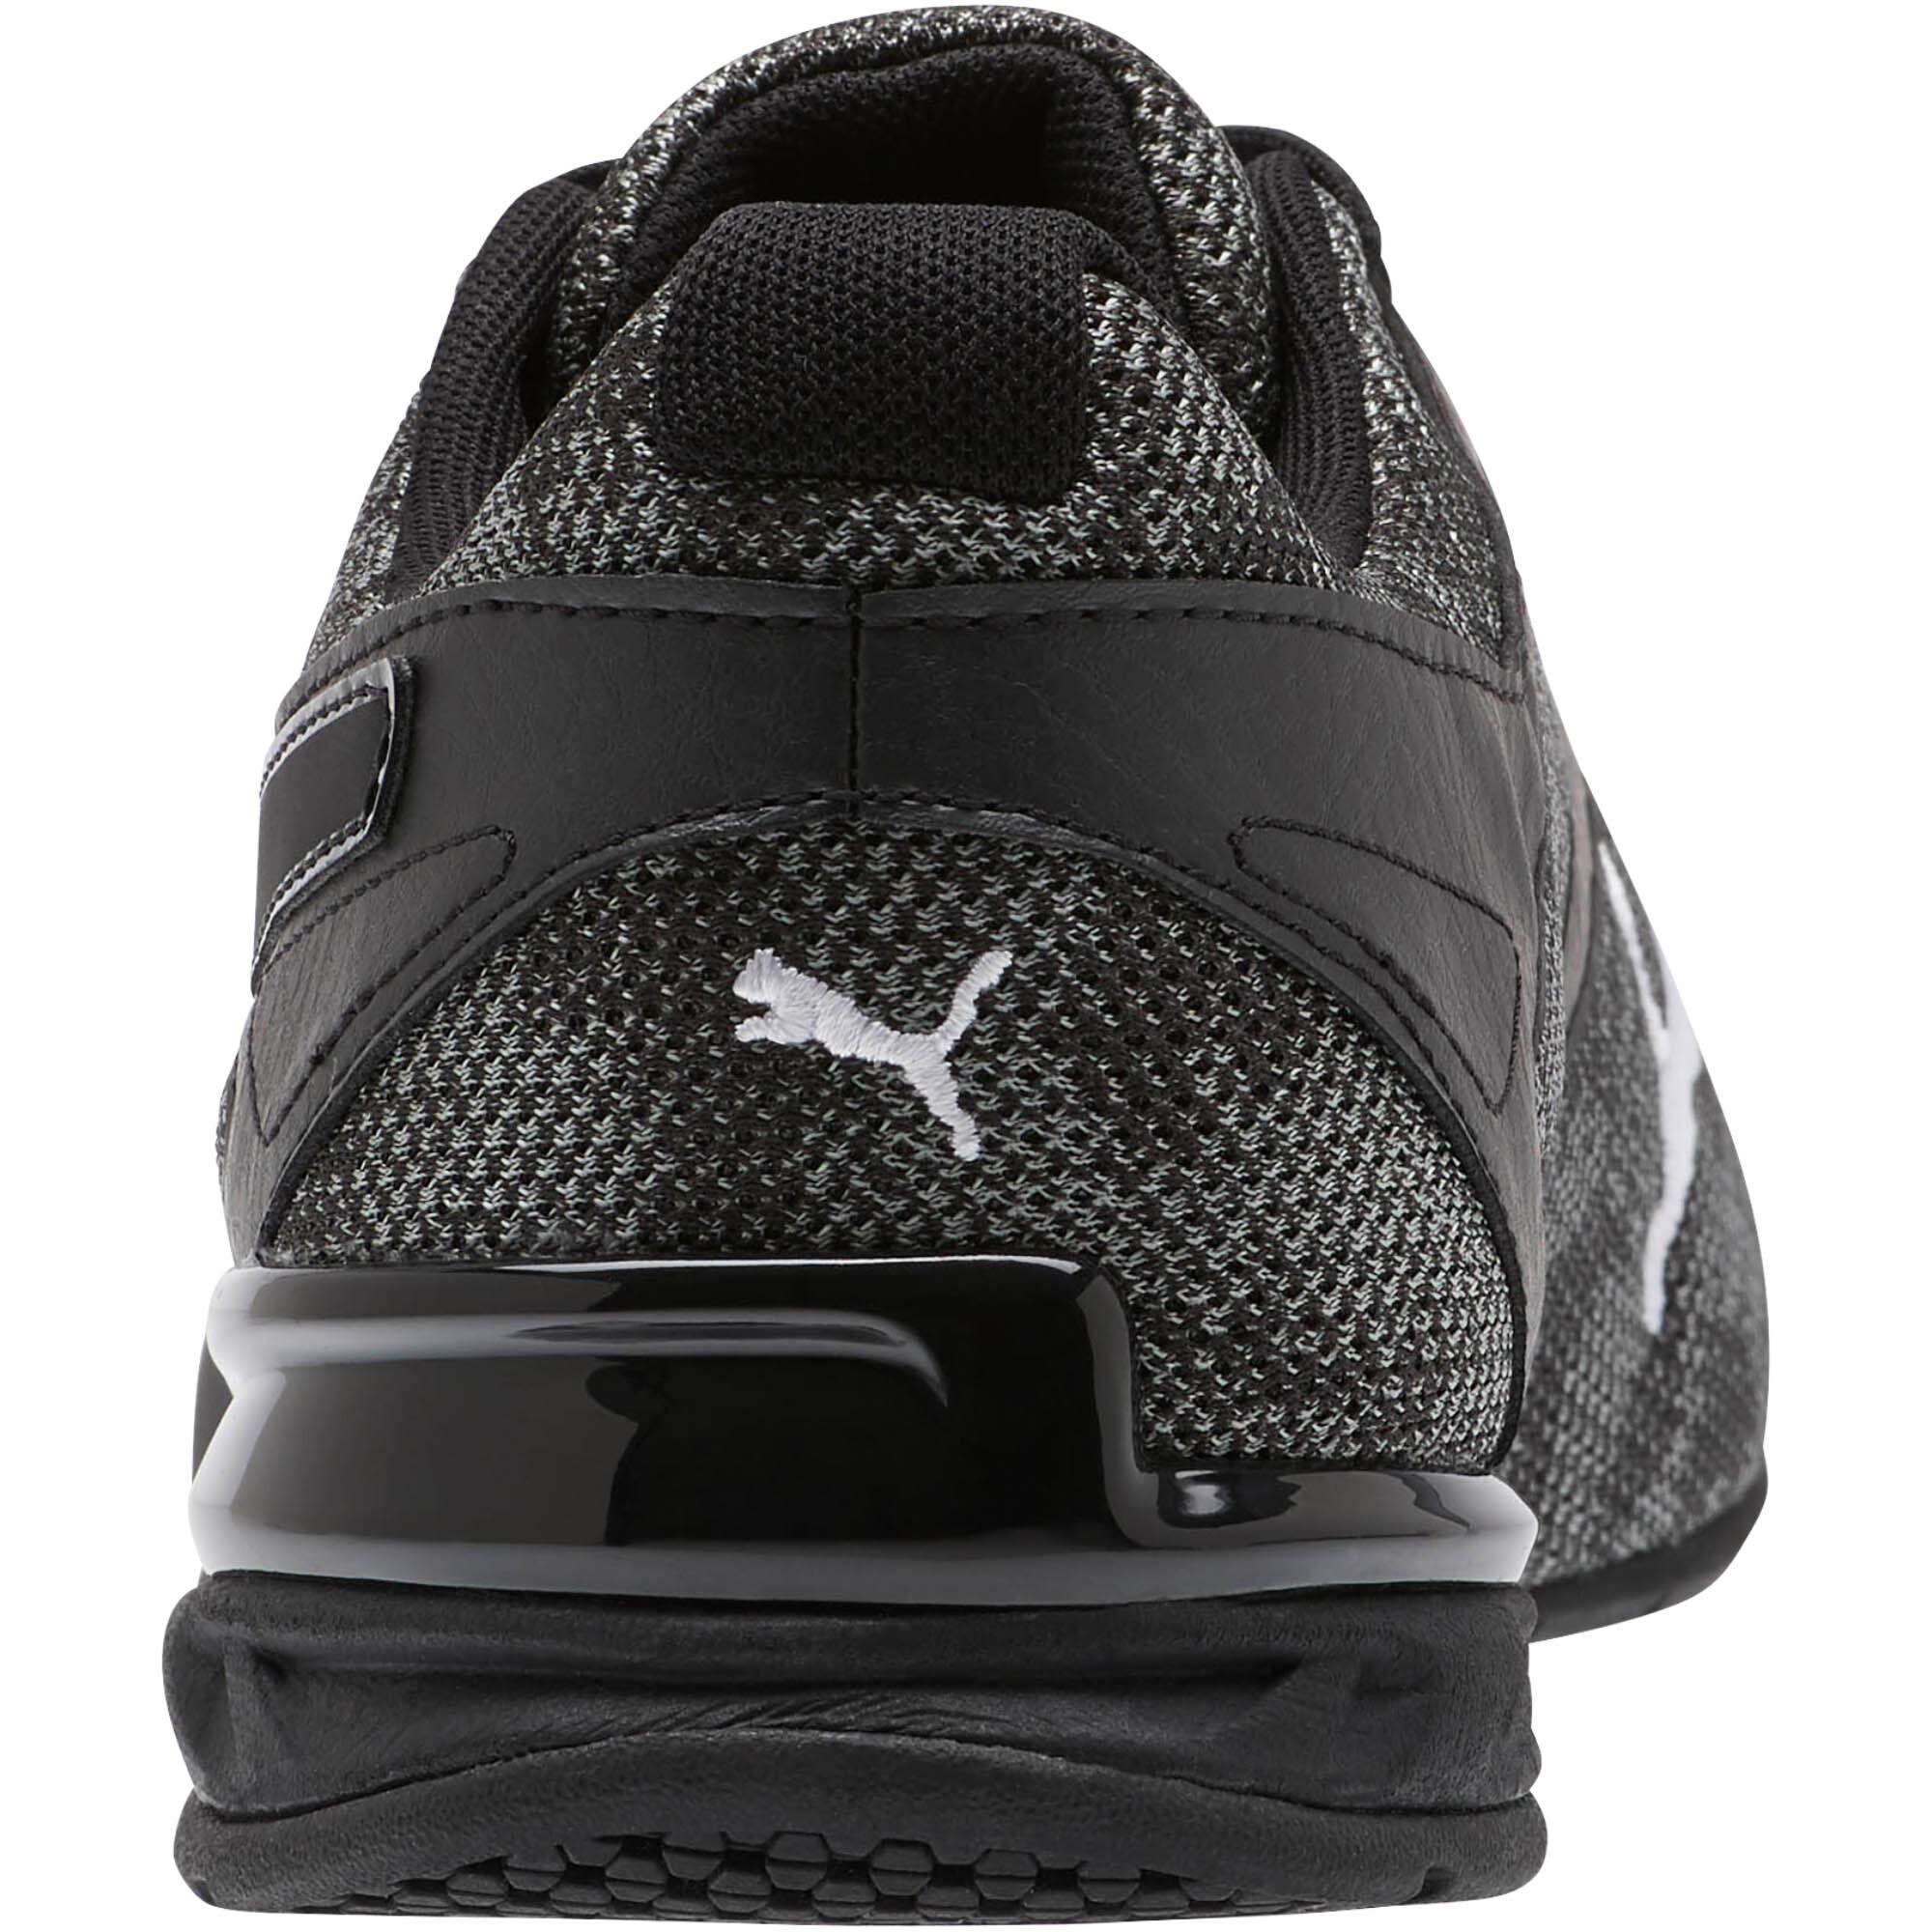 Puma-Tazon-6-Camo-Mesh-Scarpe-da-ginnastica-Uomo-scarpa-in-esecuzione miniatura 3